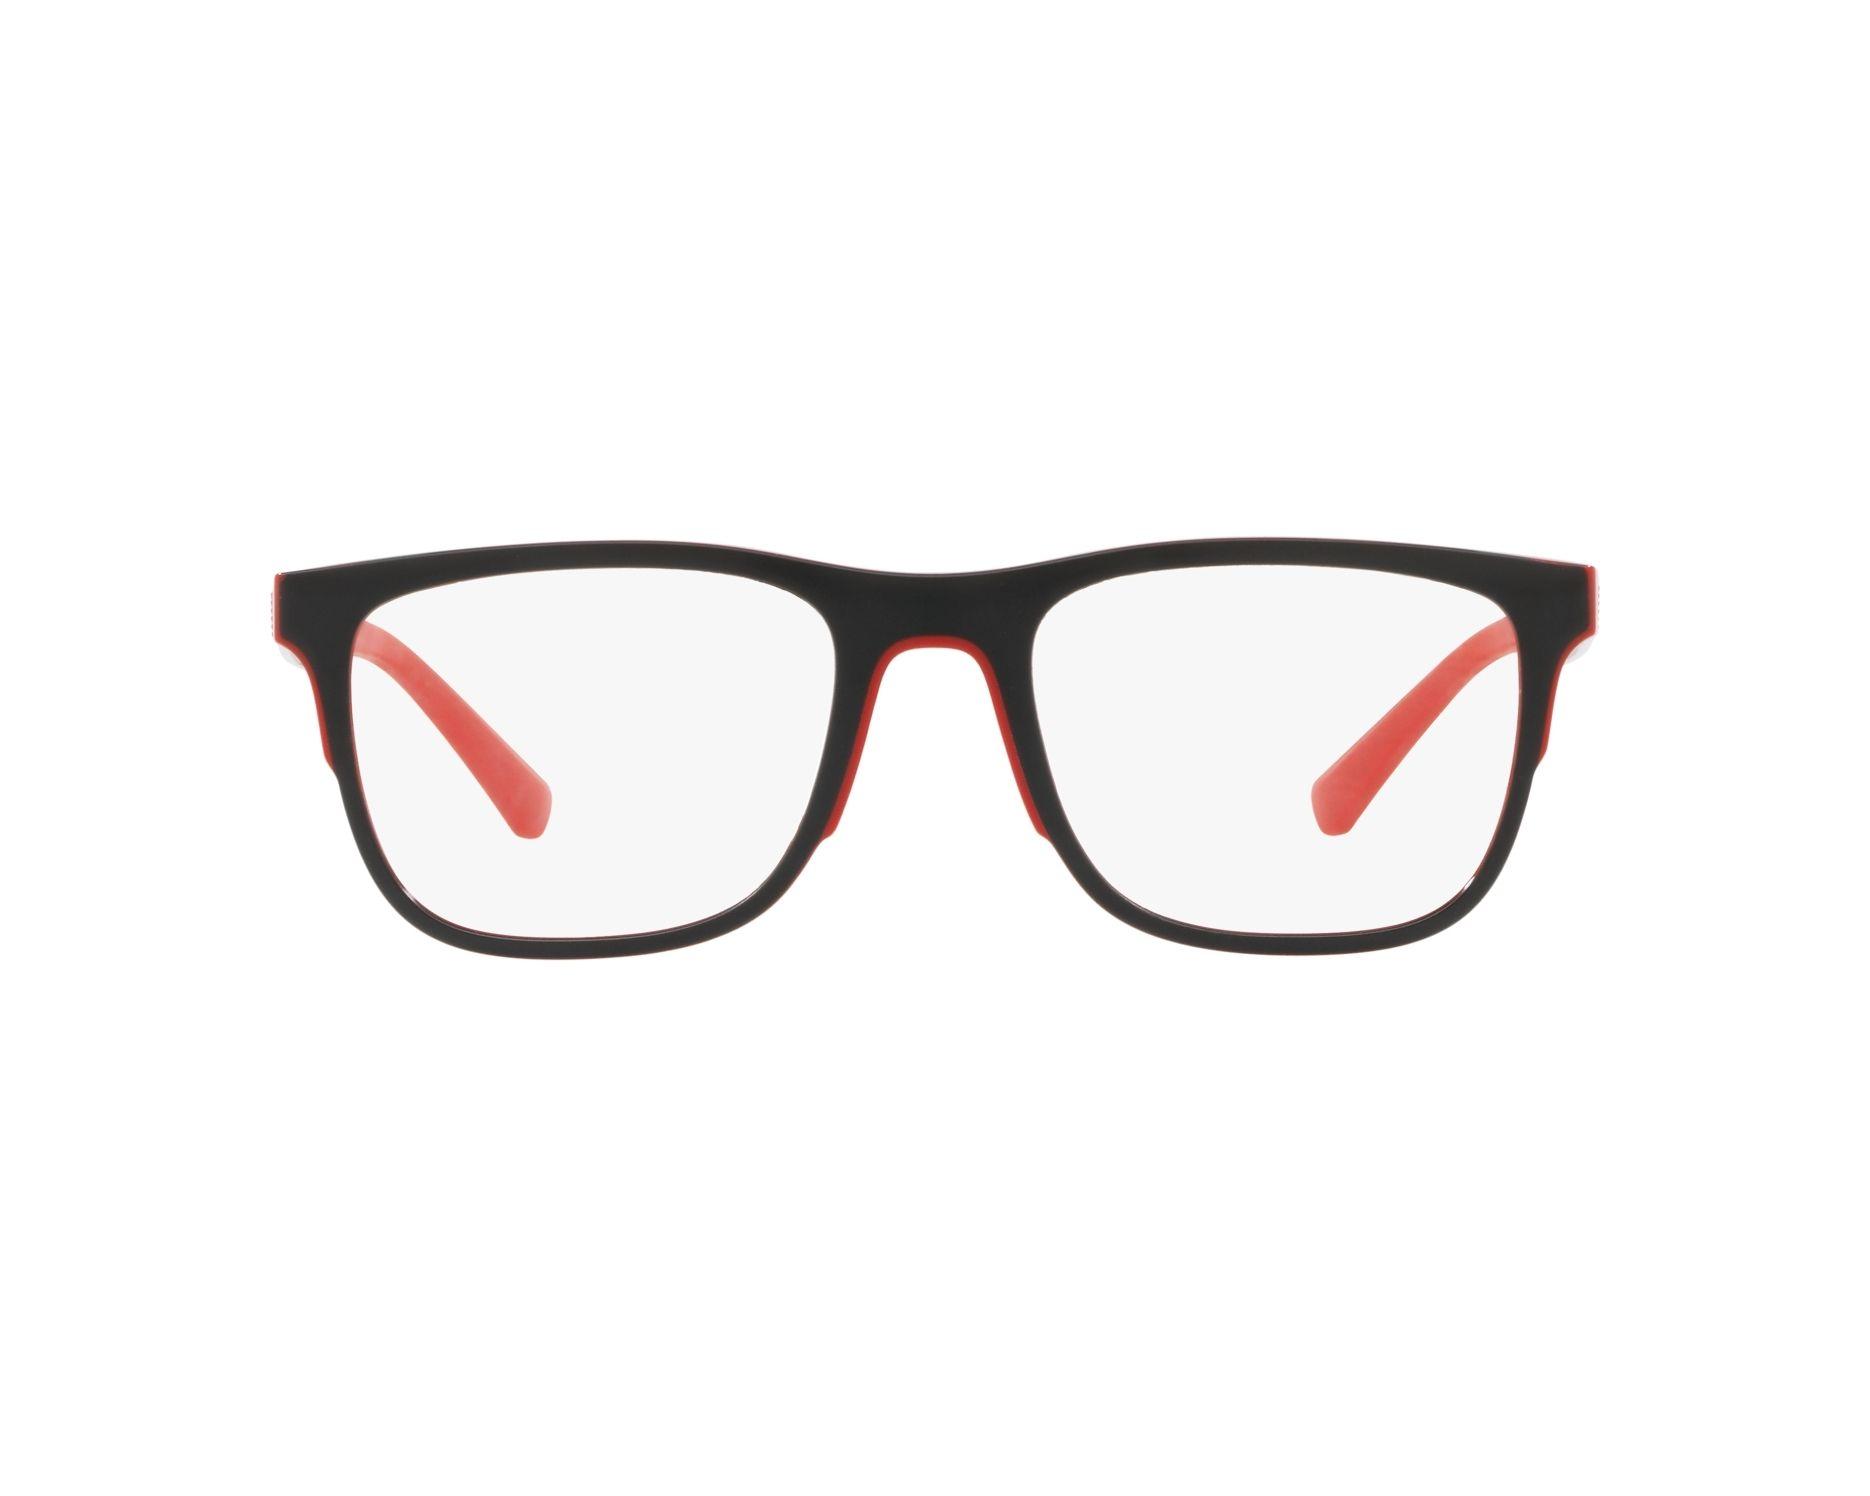 370ea9cf5fe19 Gafas Graduadas Emporio Armani EA-3133 5665 - Negra Rojo Vista de 360  grados 1